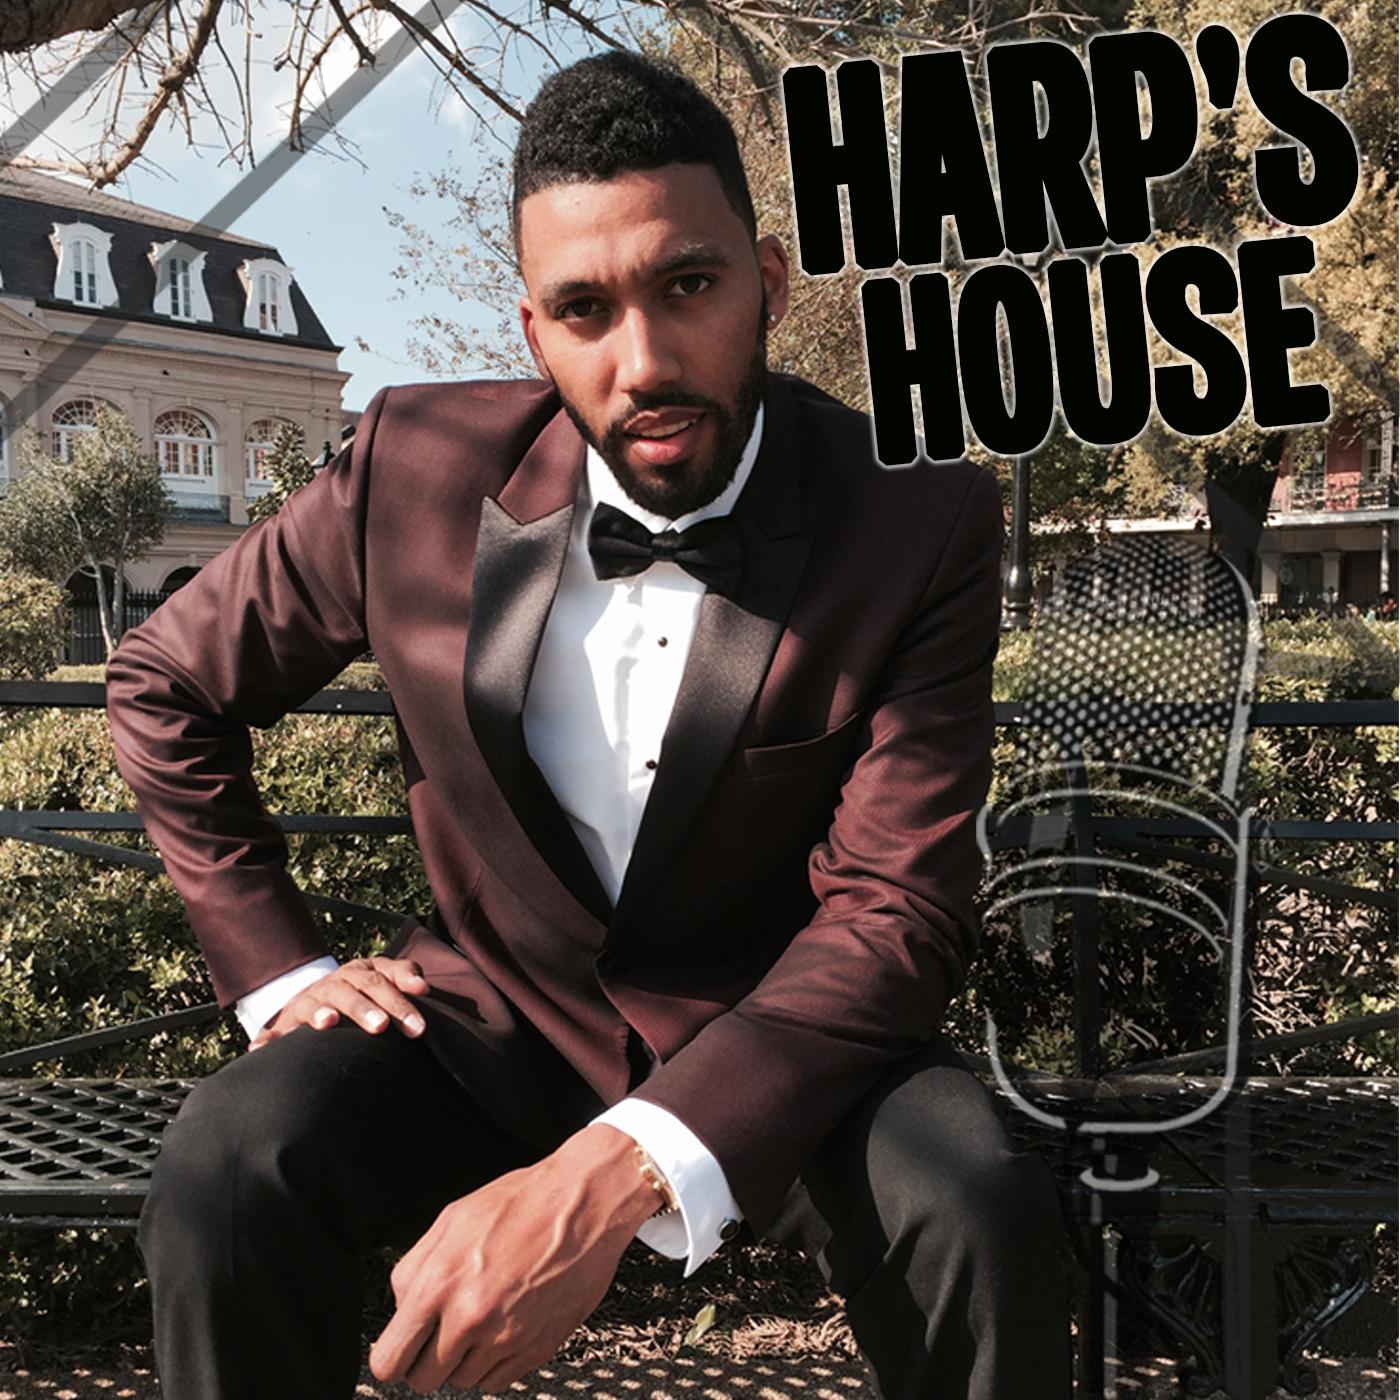 Harp's House